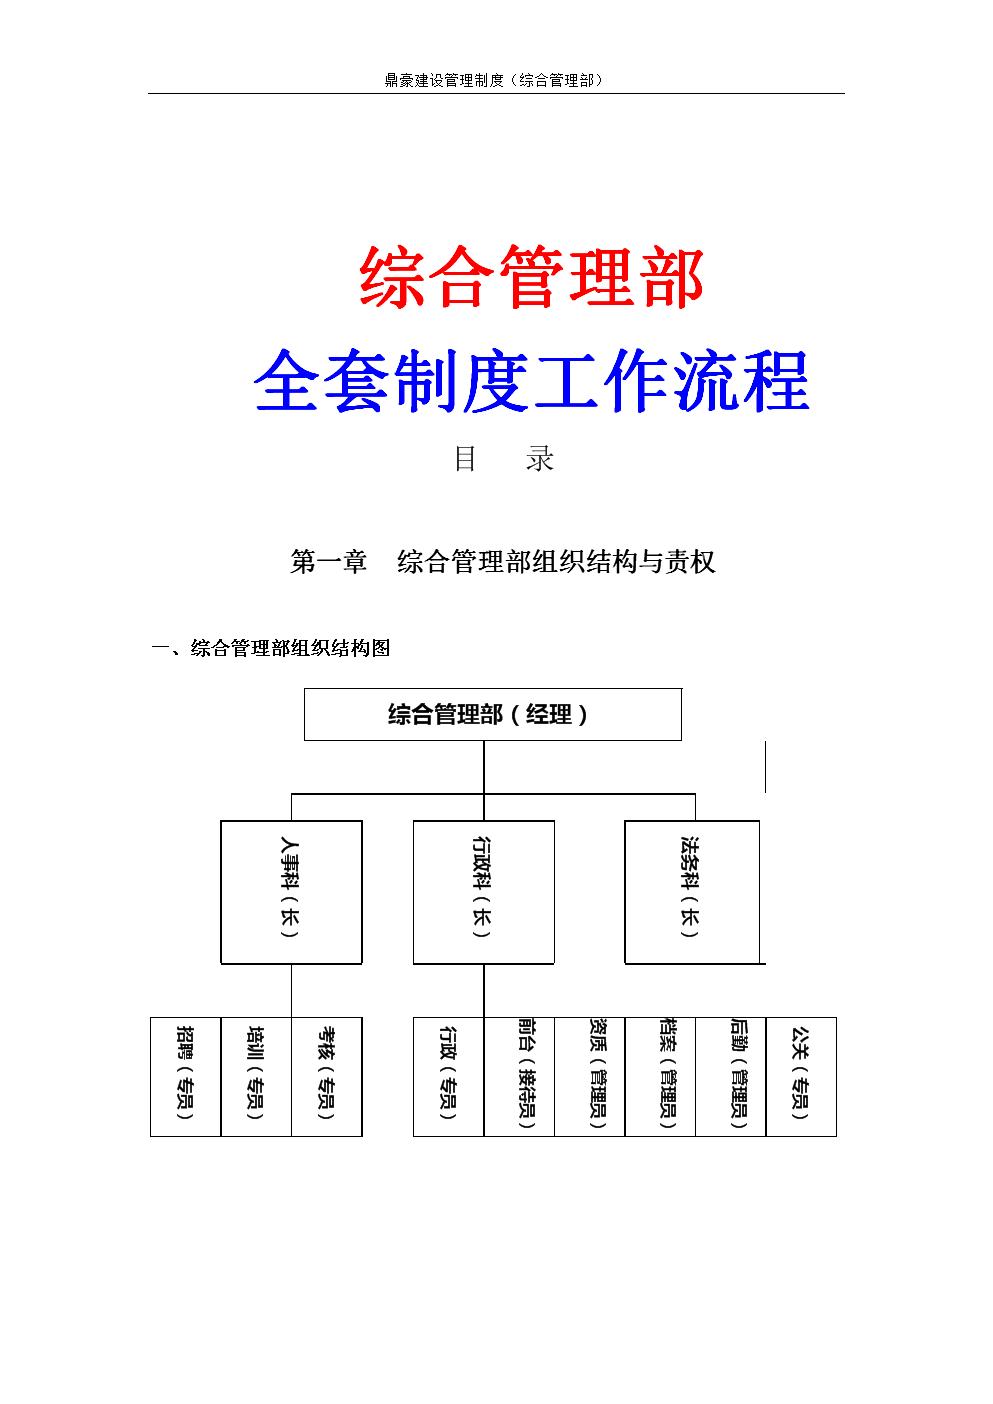 建筑工程公司综合管理部全套管理工作流程要点